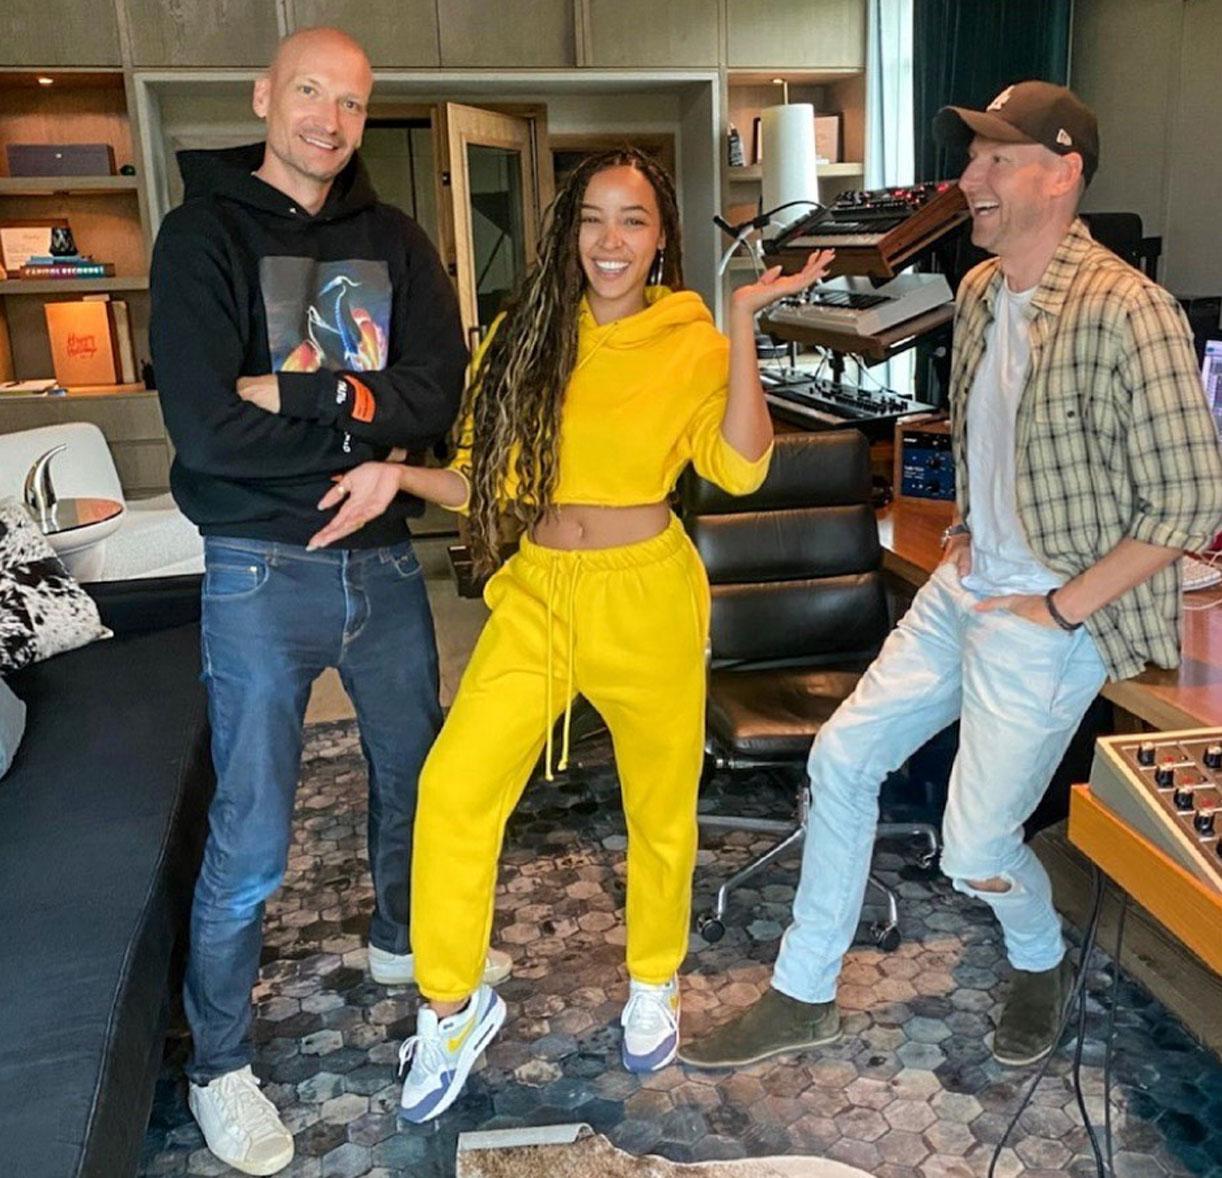 Mikkel S. Eriksen, Tinashe og Tor Erik Hermansen (Instagram/stargatemusic)